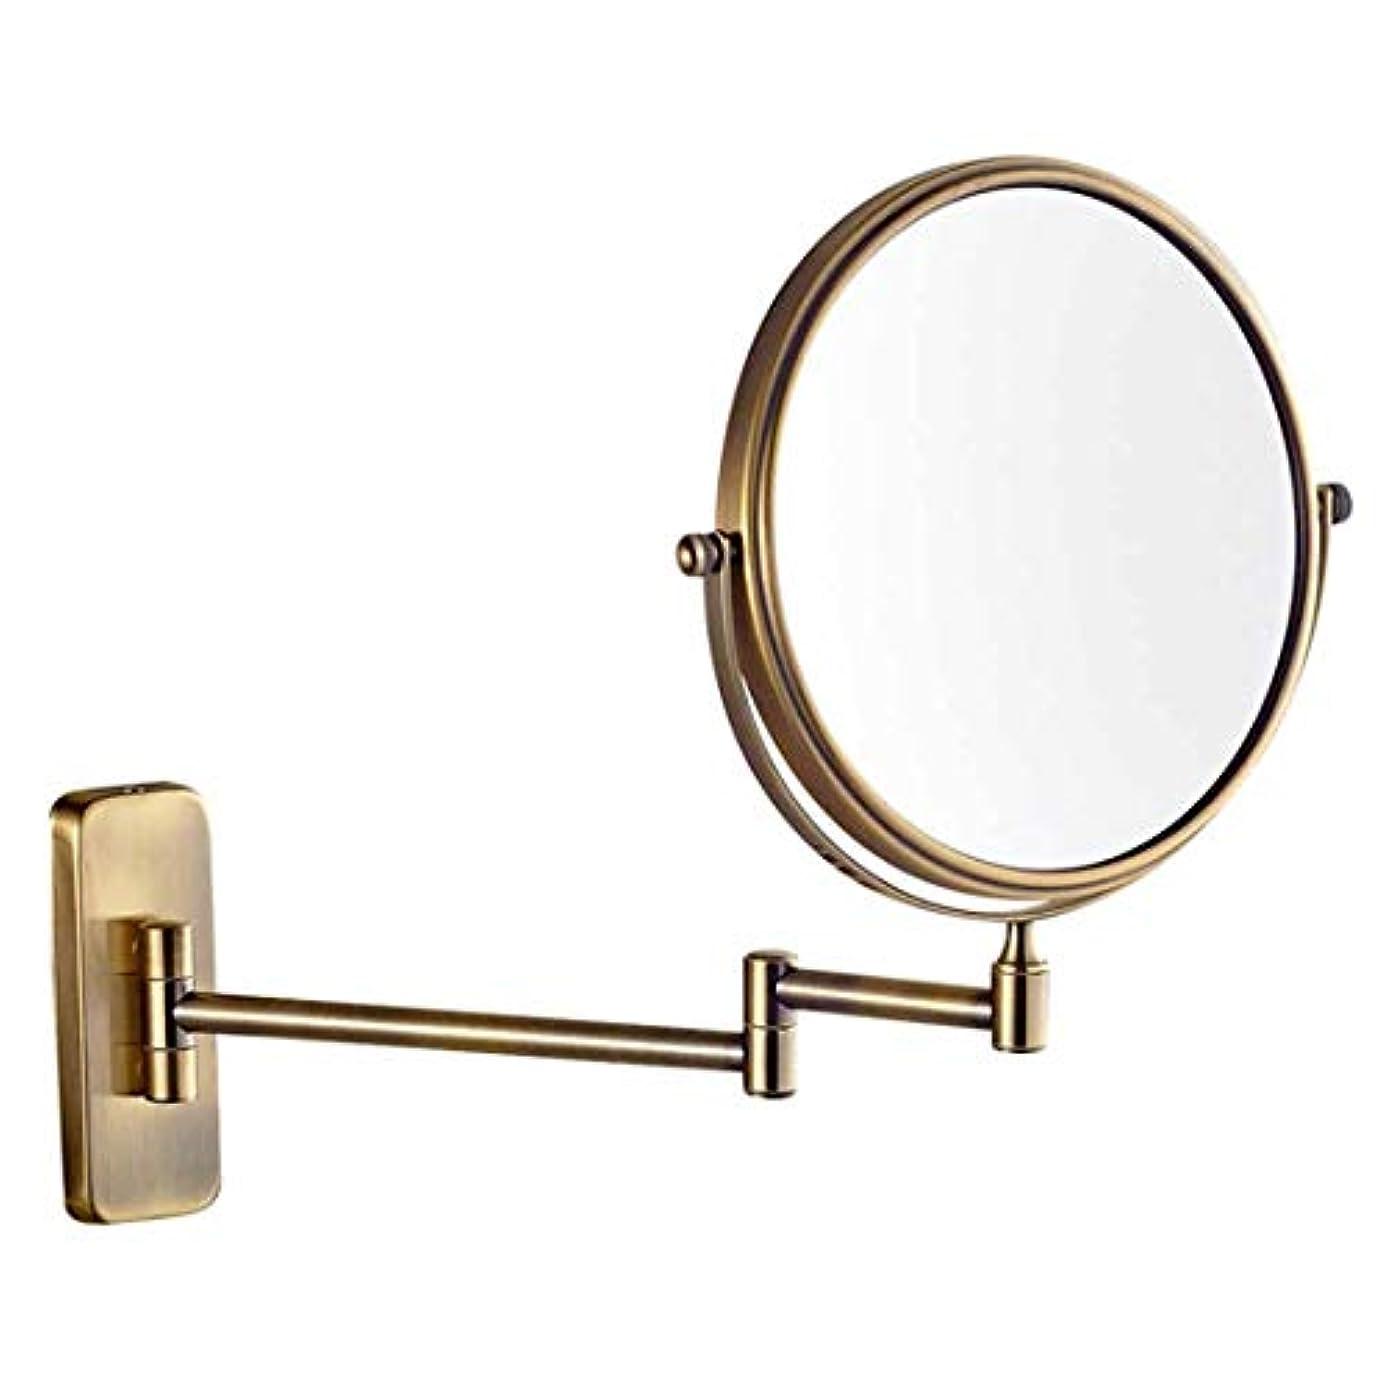 パシフィック湾キャメル3倍(5倍、7倍、10倍)拡大壁掛けバスルーム化粧鏡ミラー両面シェービング化粧鏡,10X,20cm